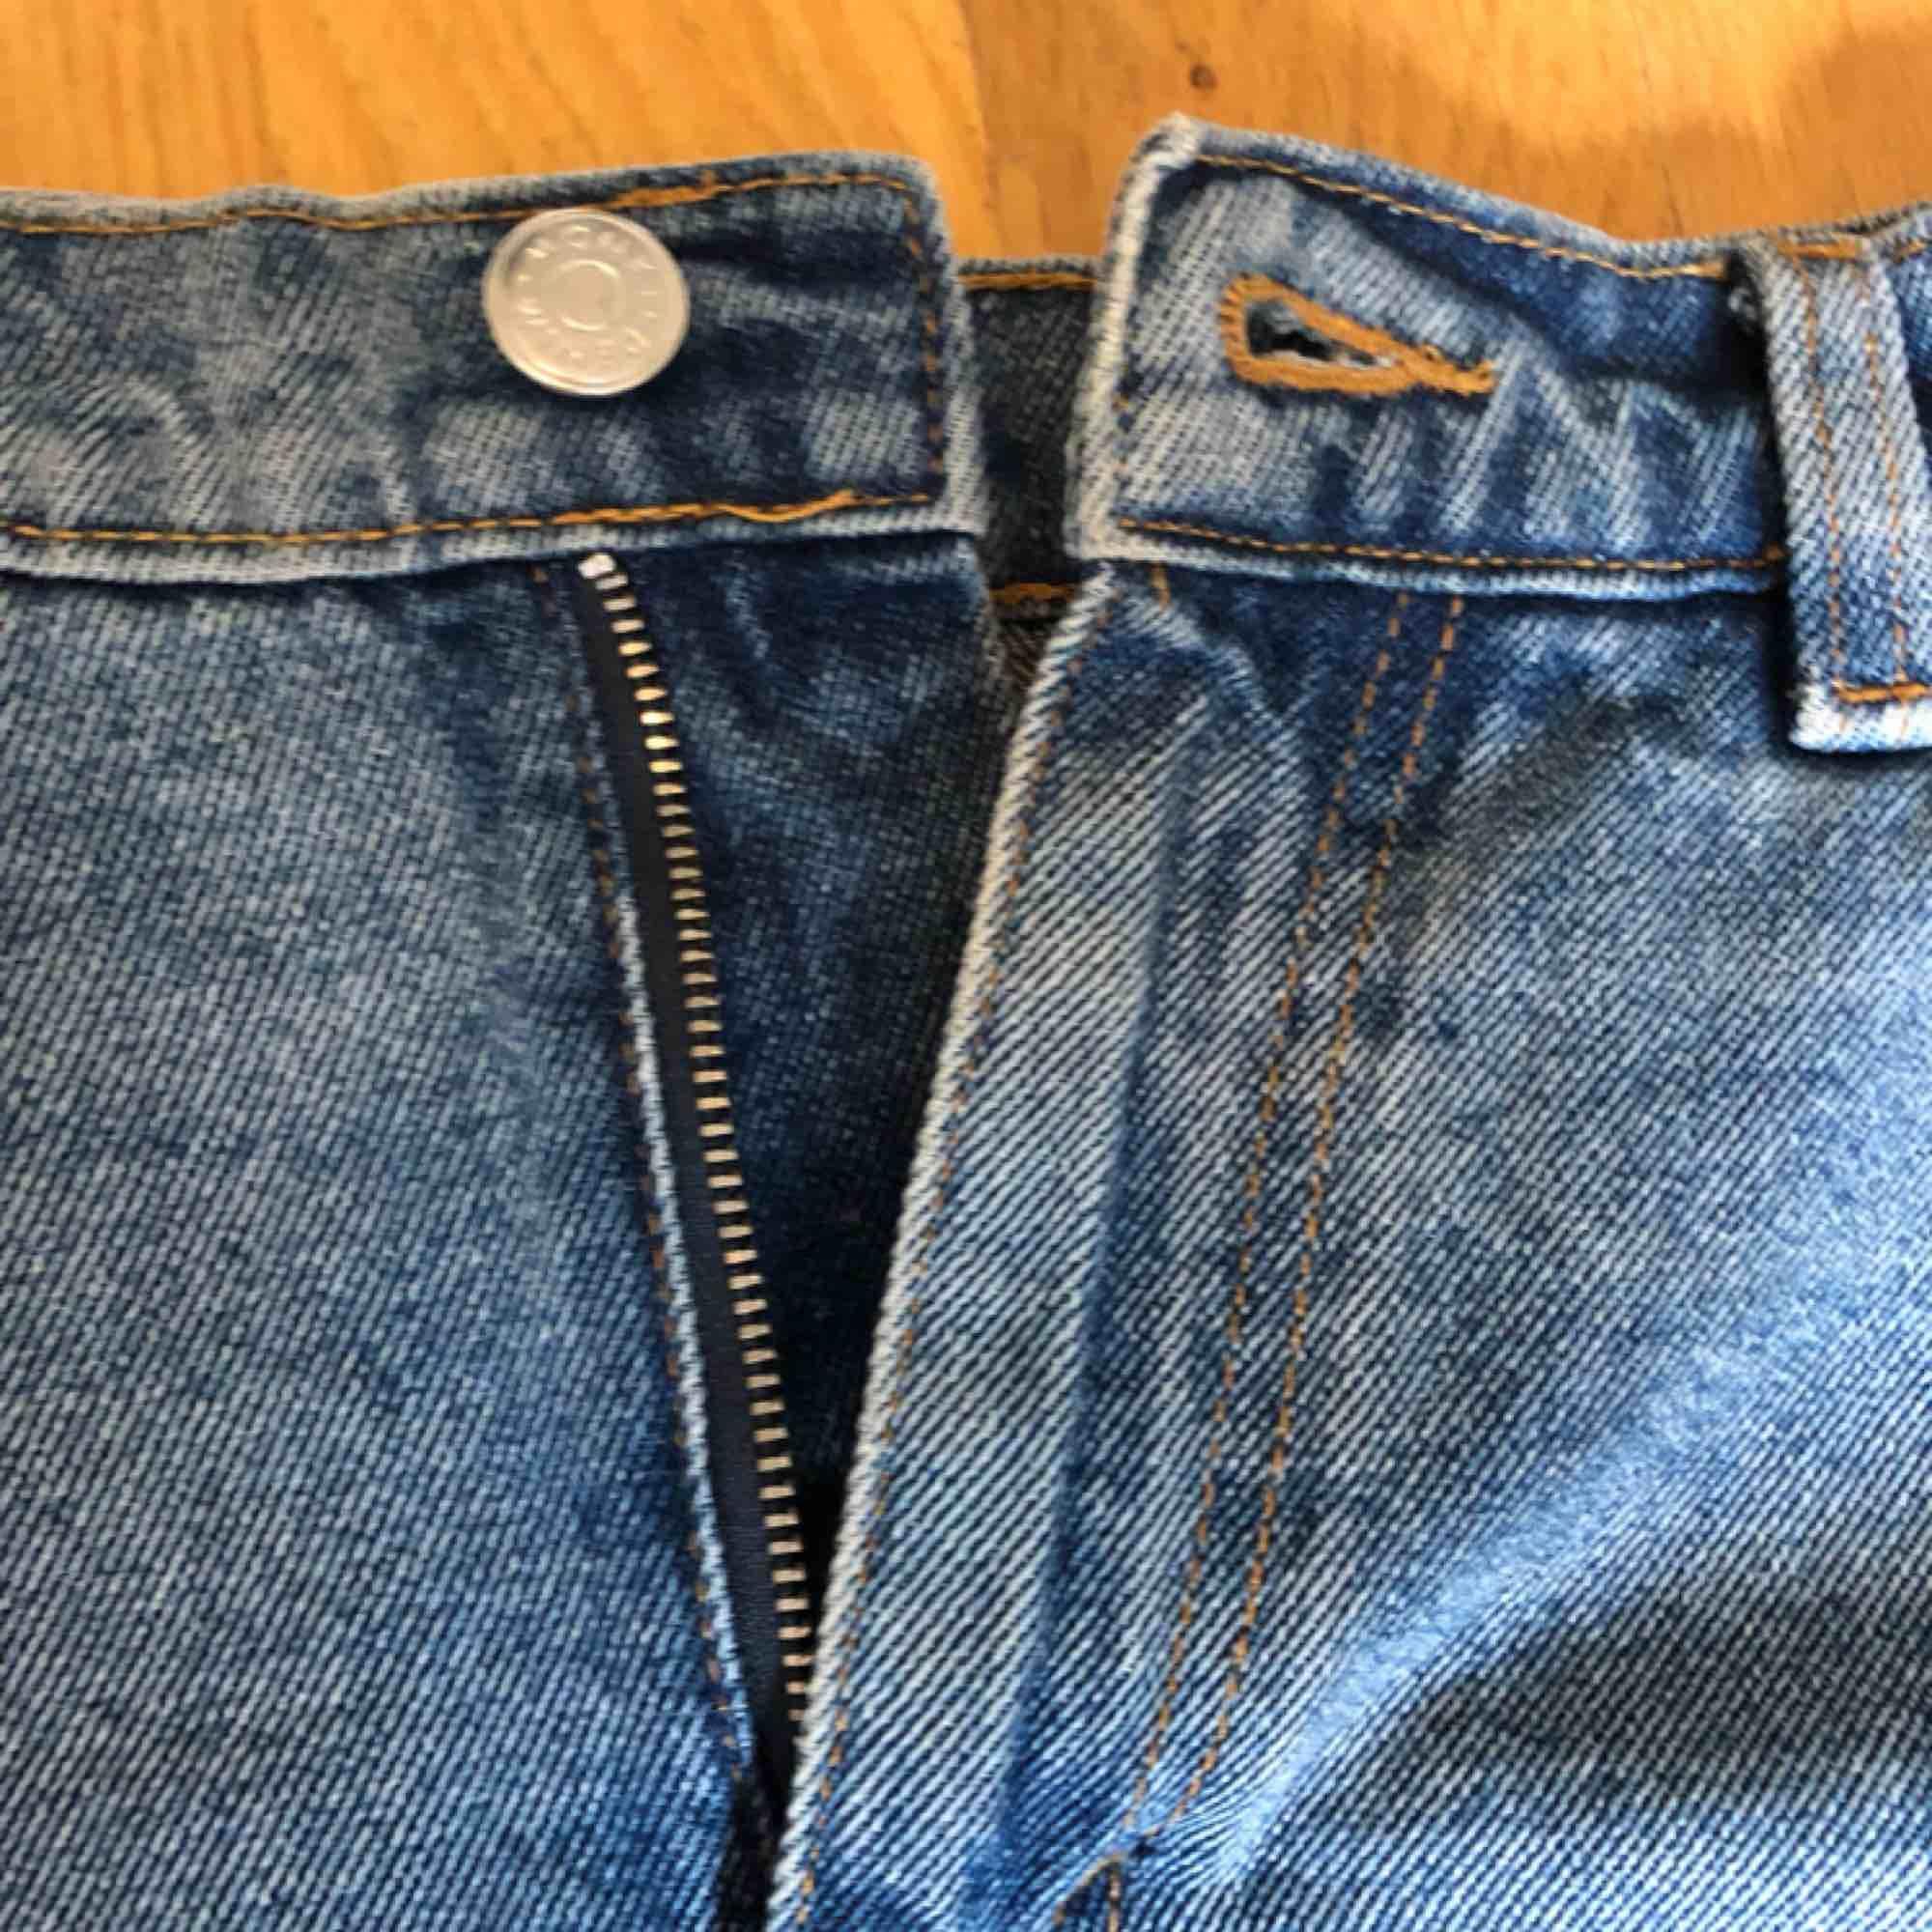 Jeans kjol. Stängs med dragkedja. Köpt förra sommaren. Enda felet är den delen som bältet ska vara i har lossnat på kanten. Som ni ser på bilden (går lätt att sy ihop, inte orkar bara) frakt 50kr🥰. Kjolar.